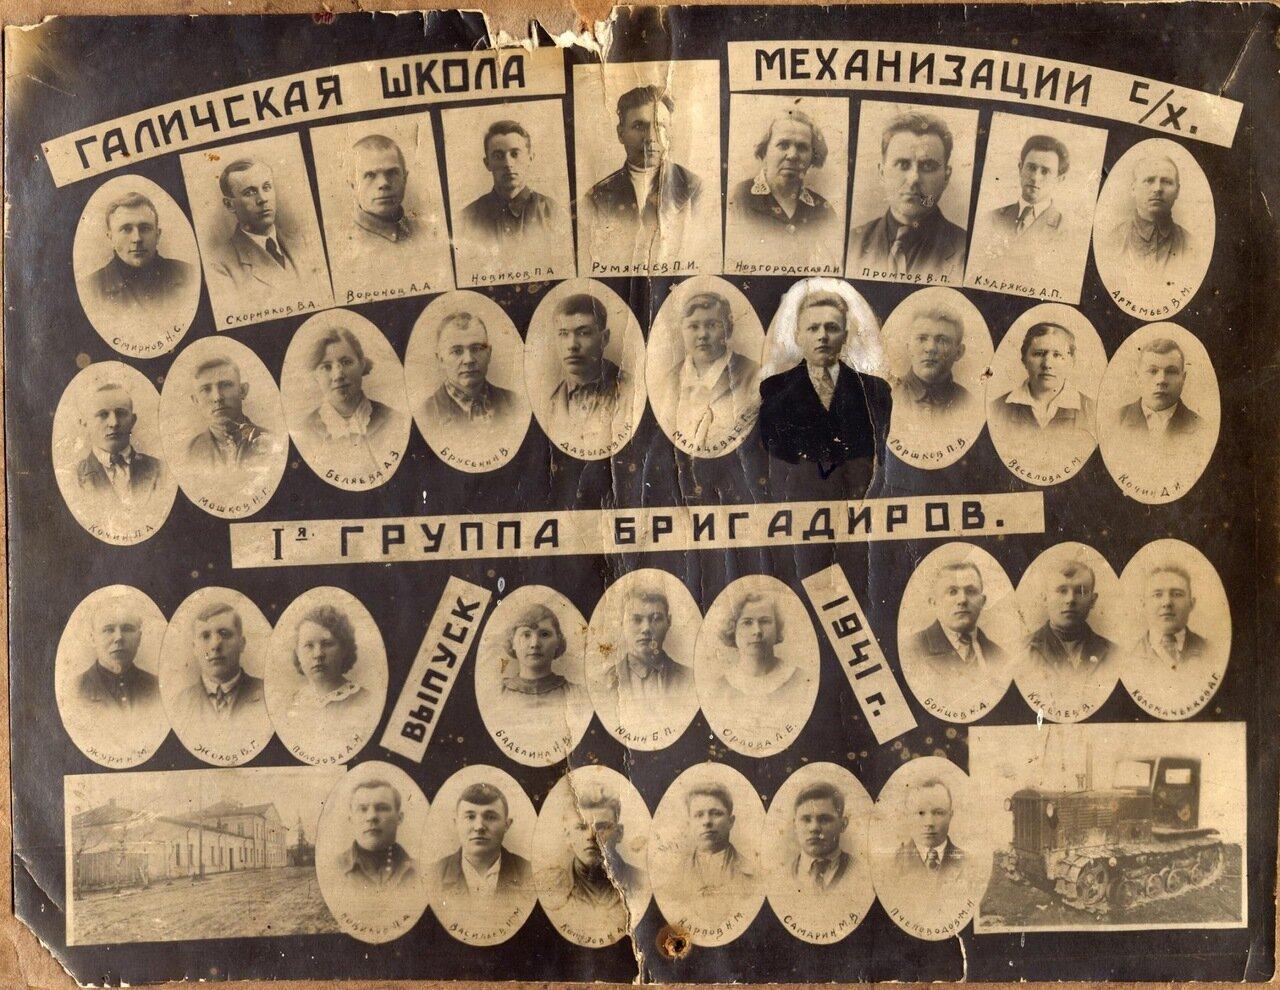 1941 г. Преподаватели и выпускники Галичской школы механизации сельского хозяйства.